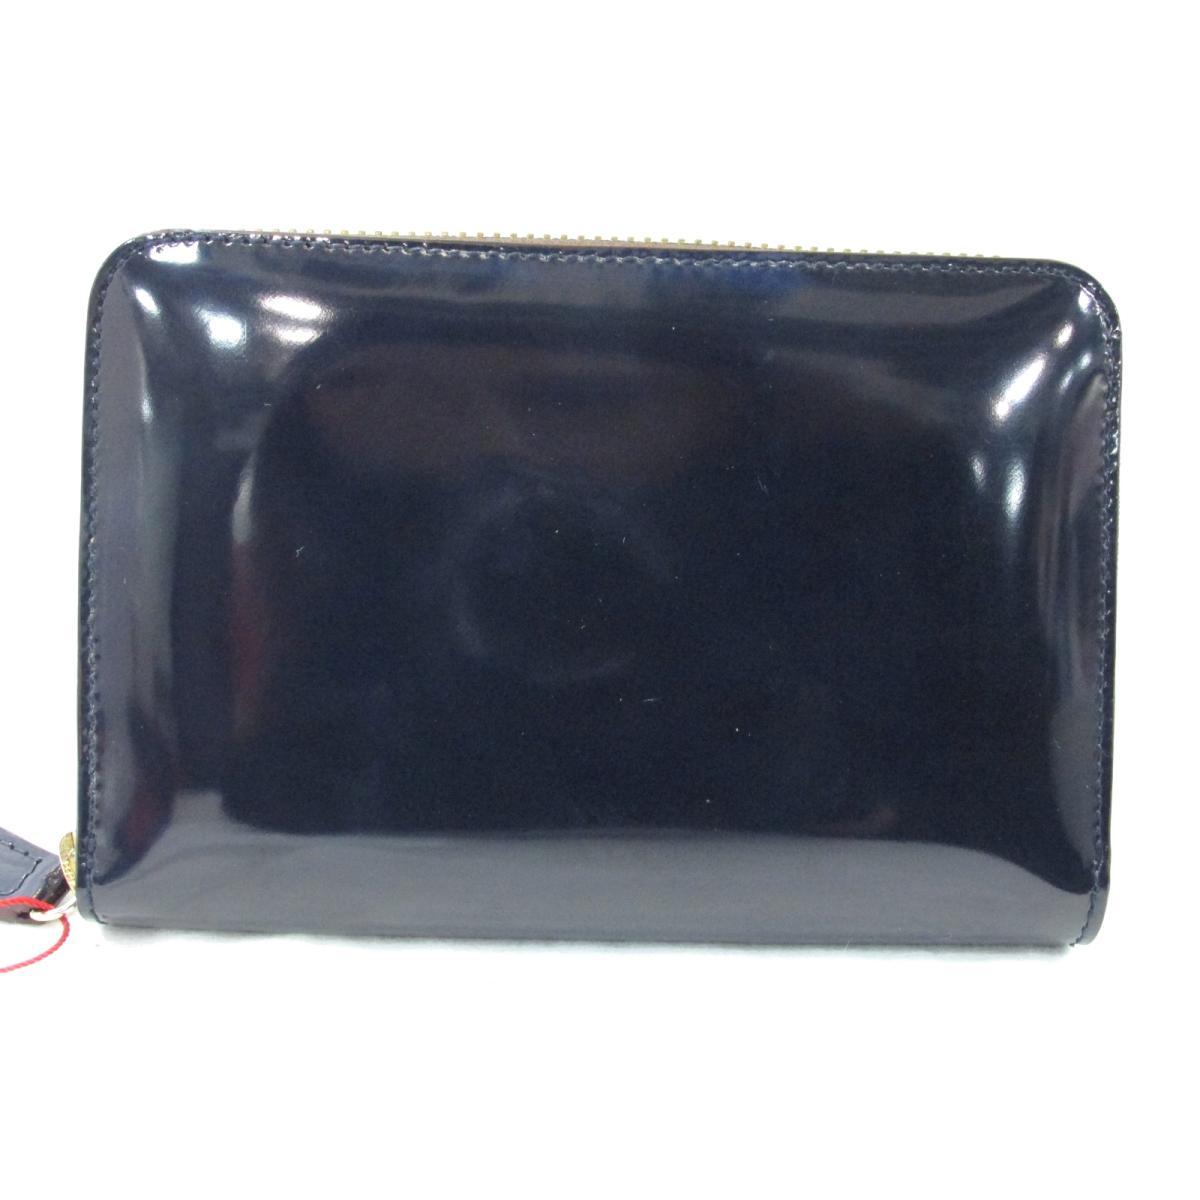 J & M Davidson(ジェイアンドエムデヴィッドソン)/【おすすめ!】財布 財布